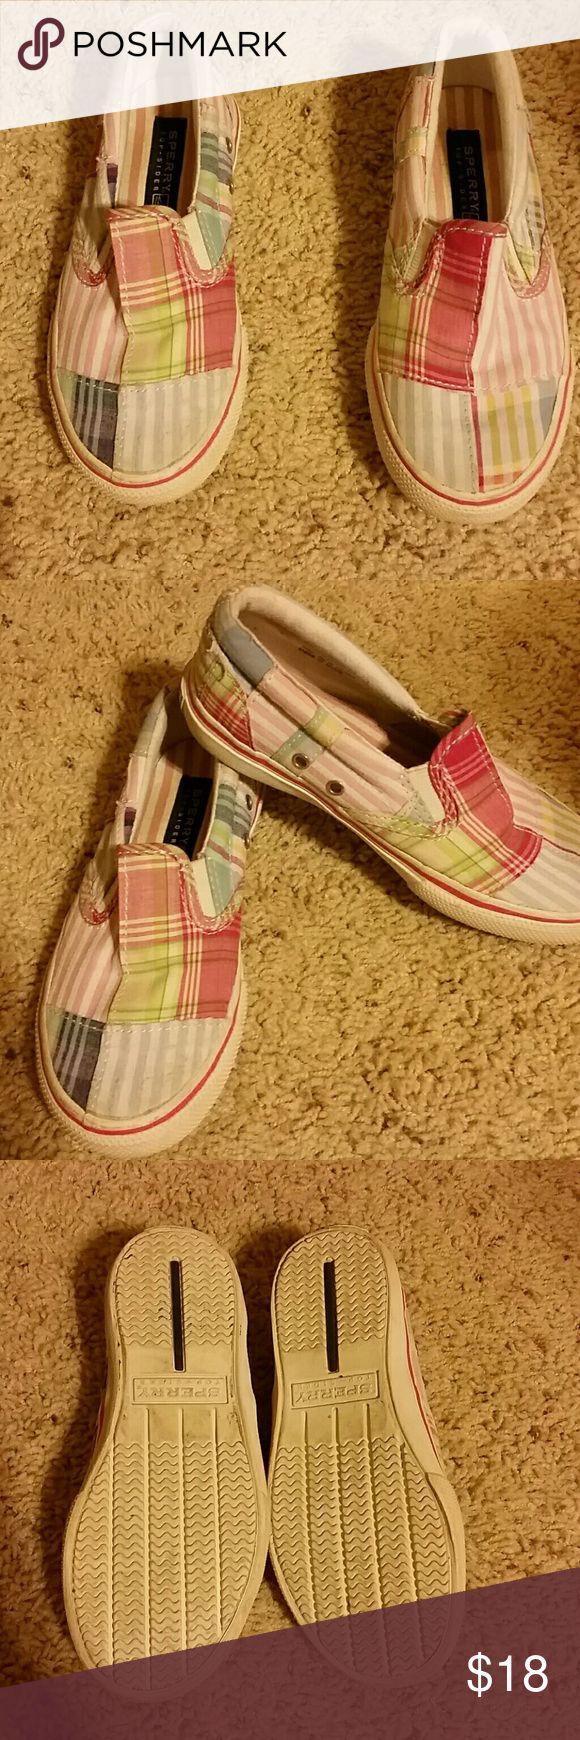 Girls Sperry Top Sliders Very cute casual girls Sperry slip on shoes. Sperry Top-Sider Shoes